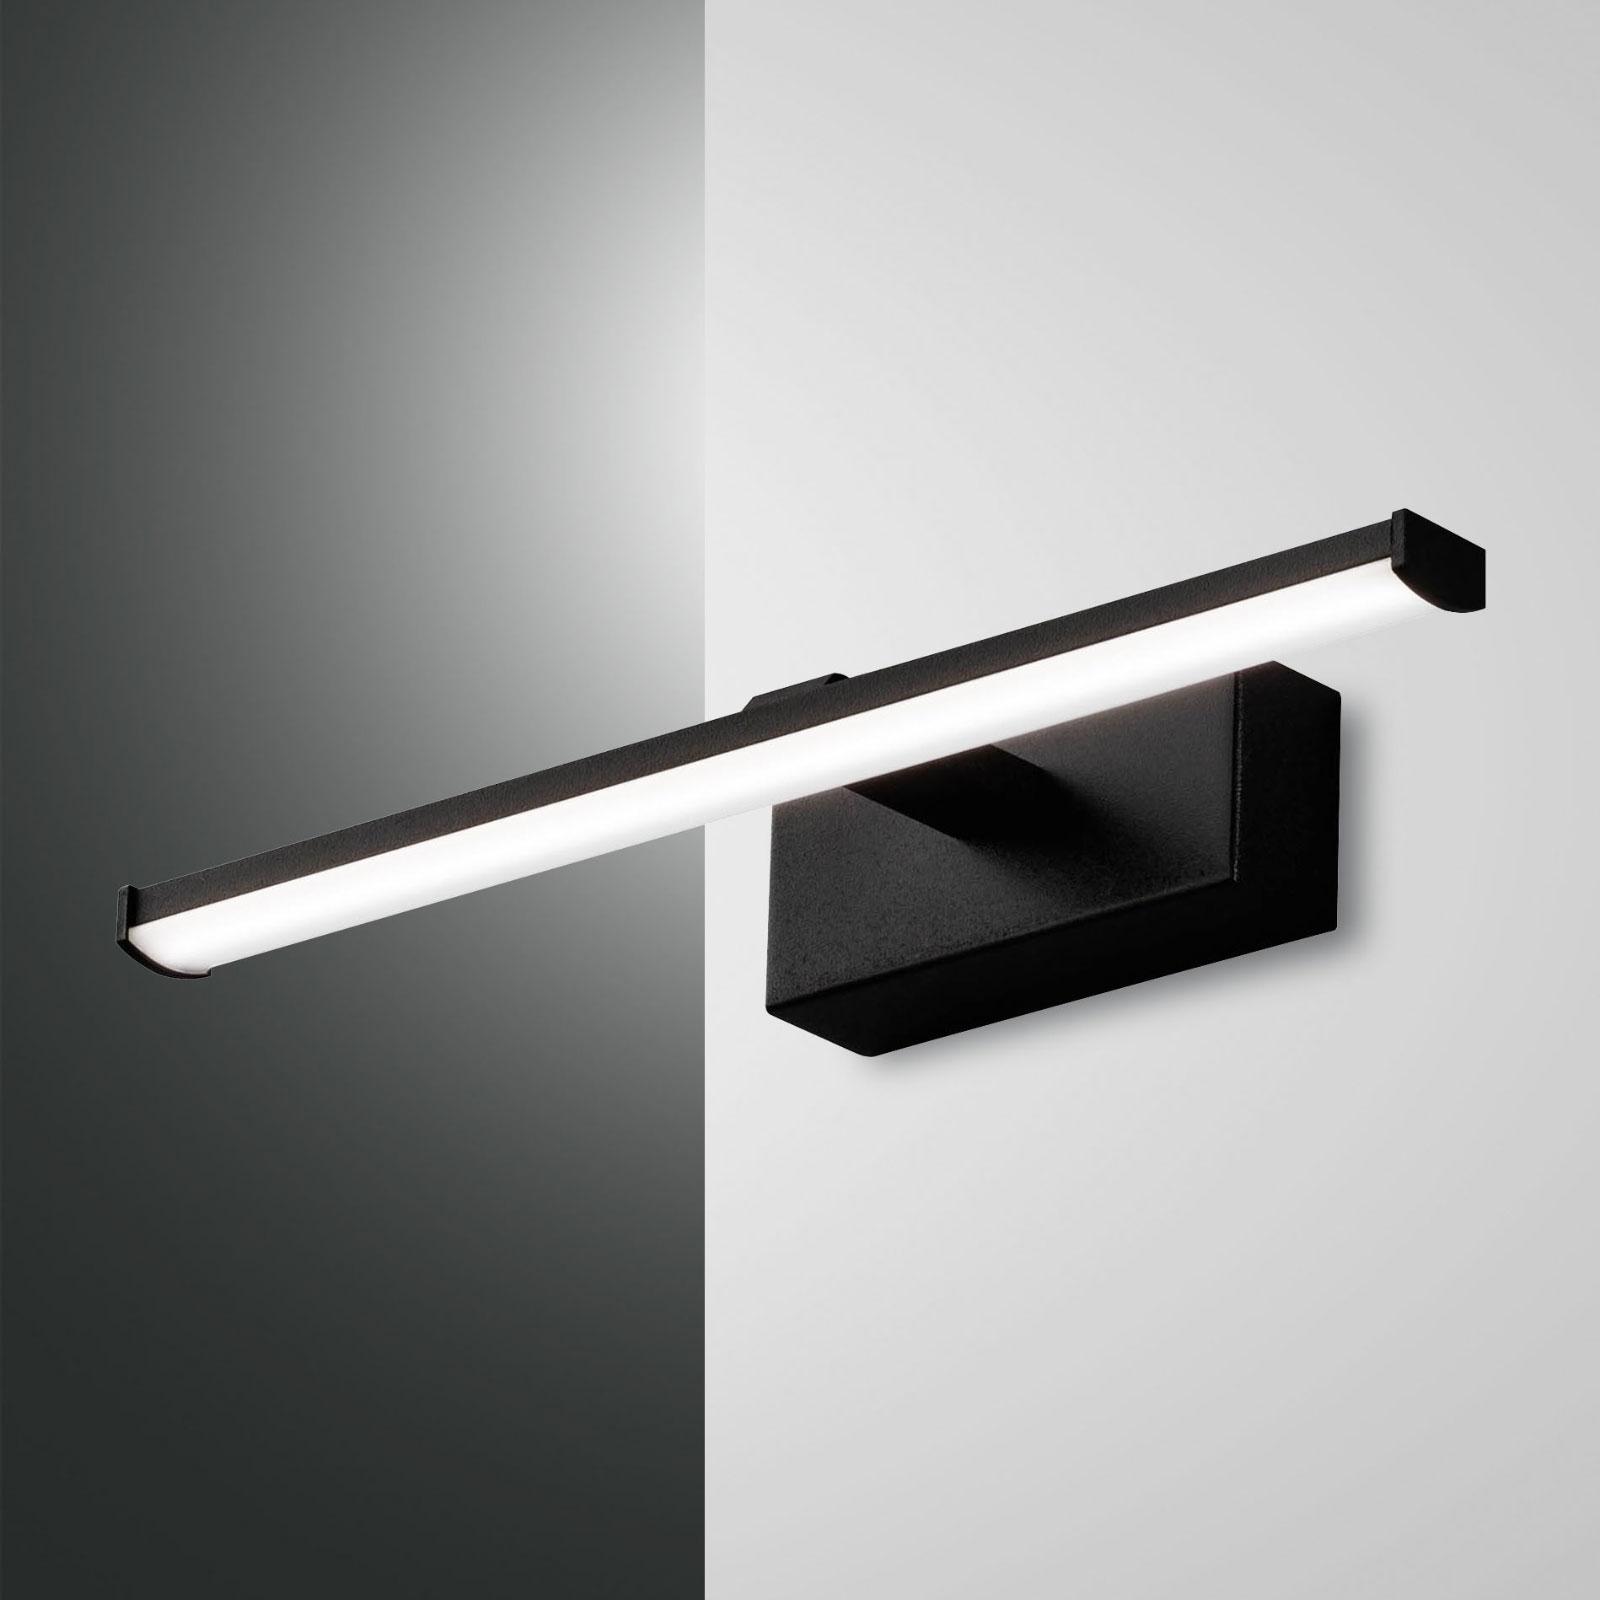 LED-vegglampe Nala, svart, bredde 30 cm